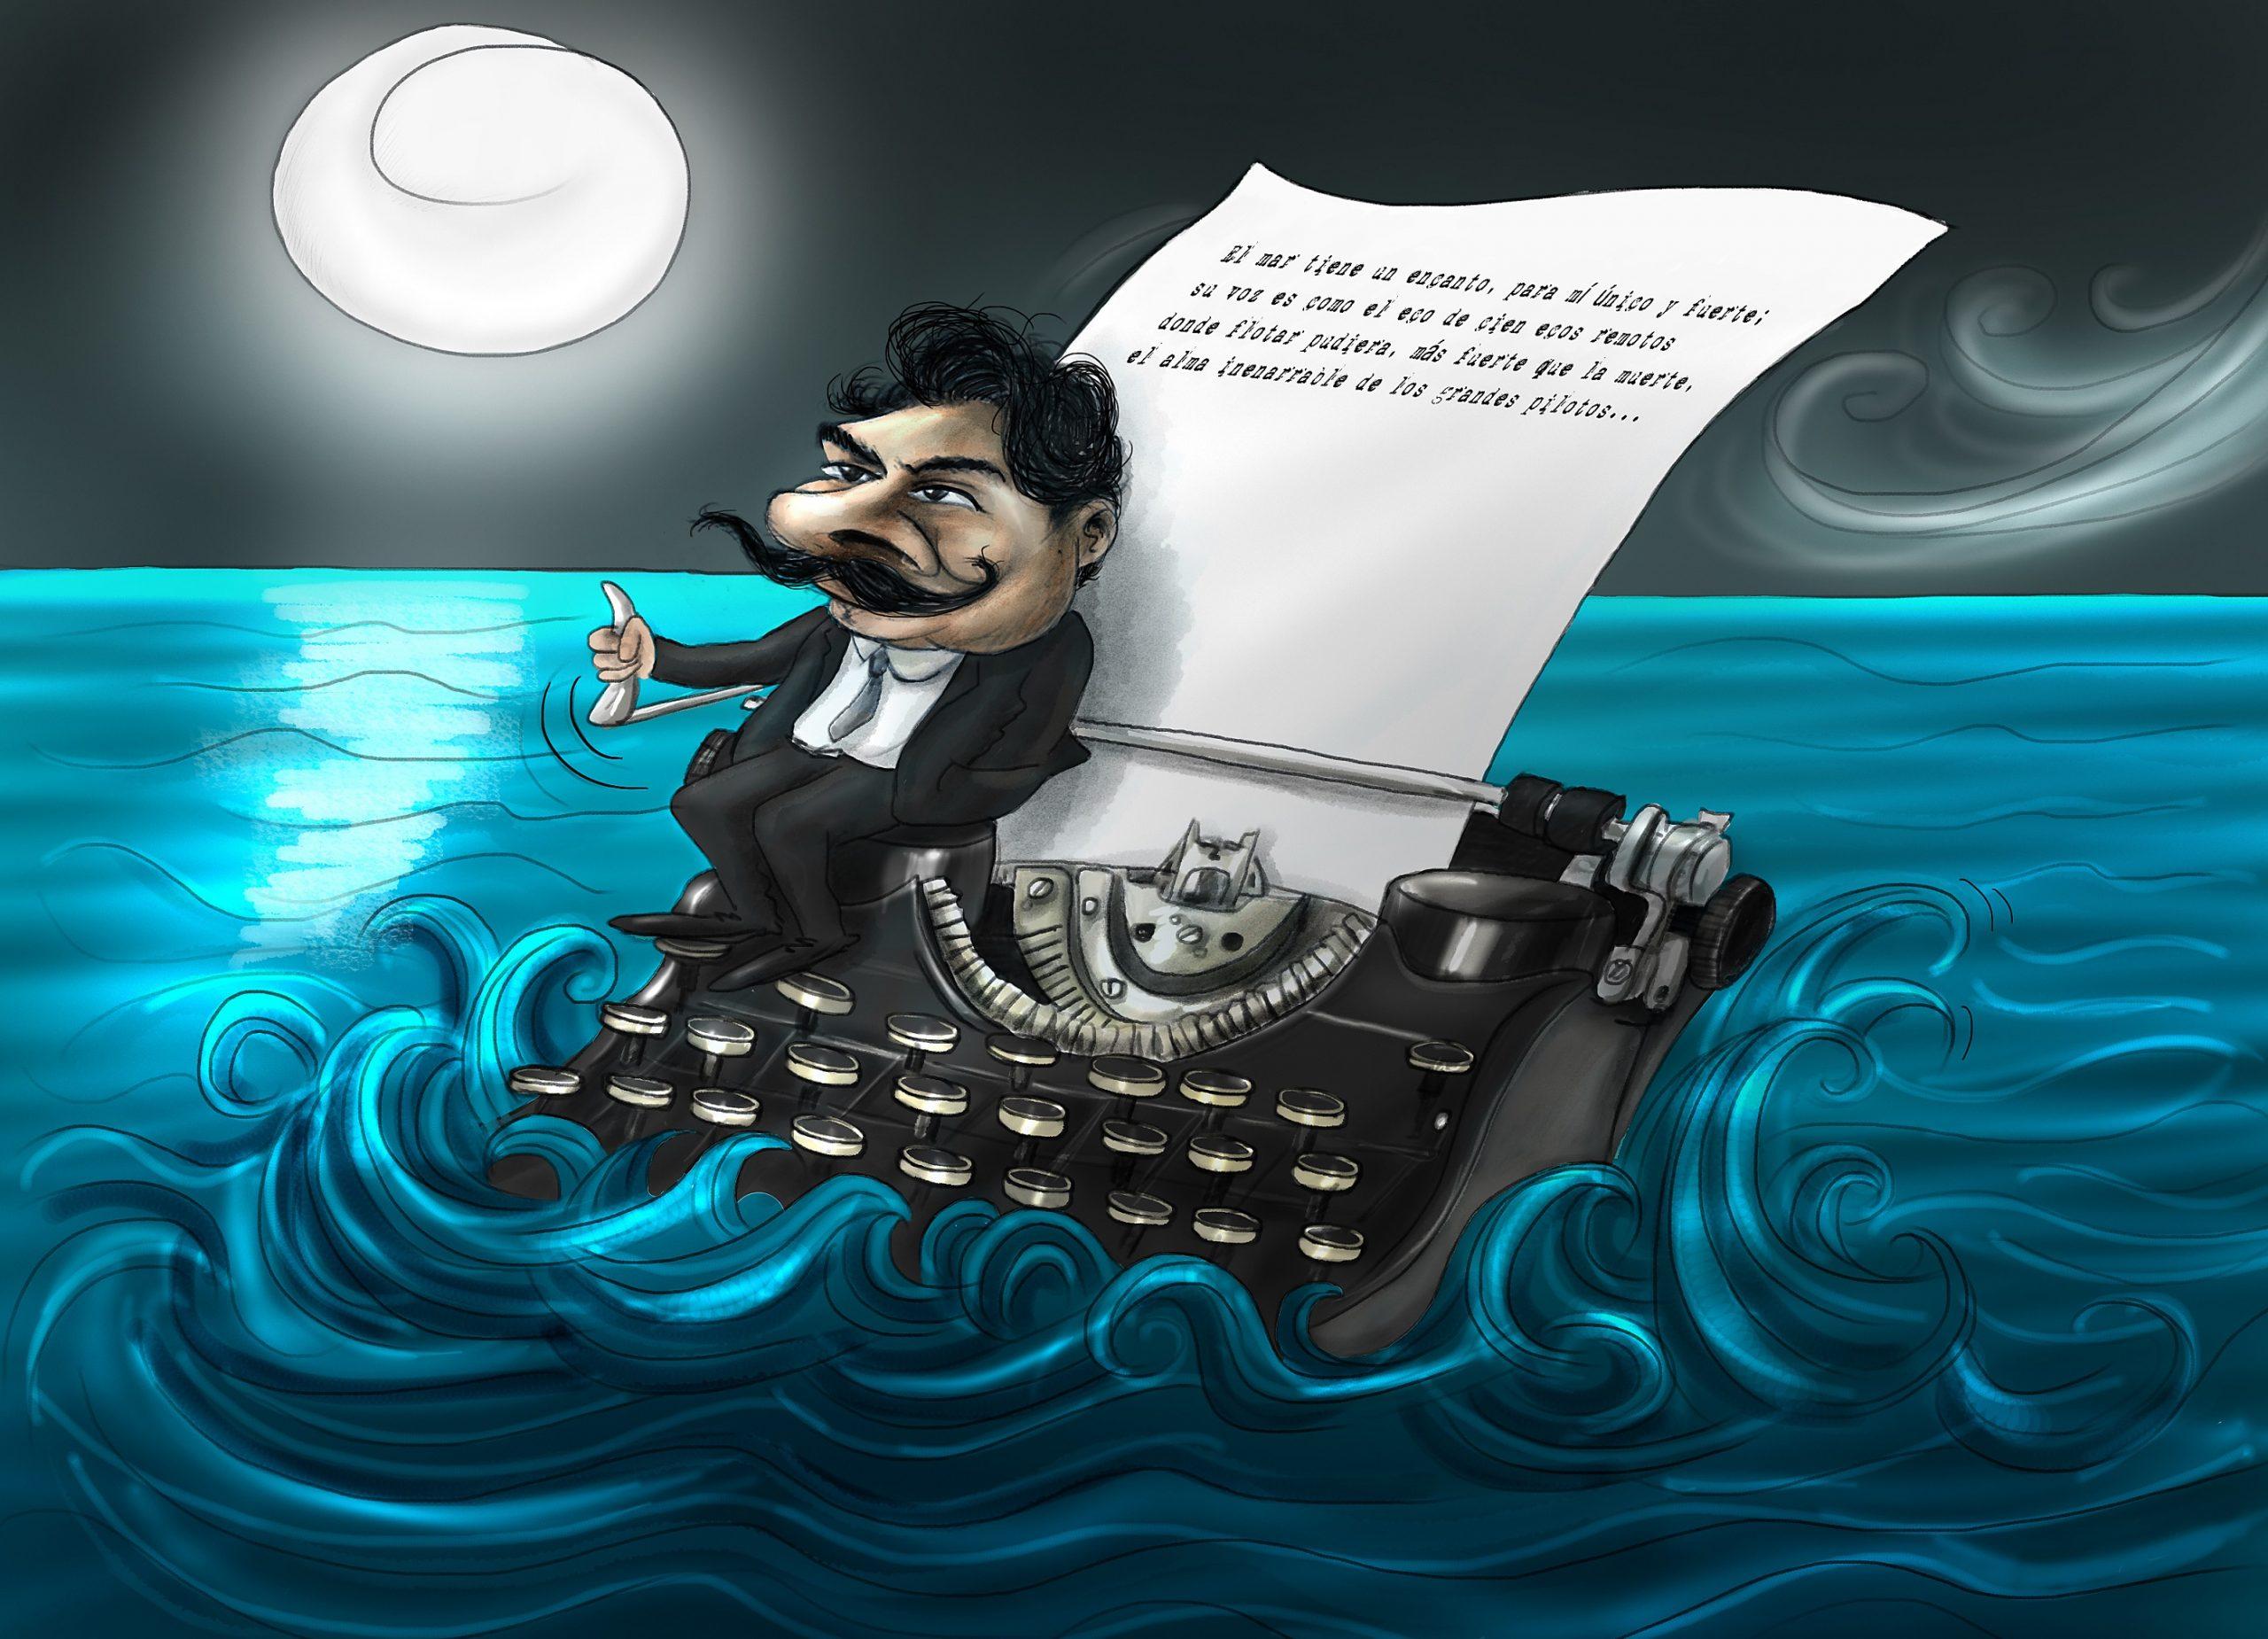 Marvin Figueroa y Miguel Domingo Martín ganan el Concurso Internacional de Caricaturas y Humor Gráfico de Tomás Morales